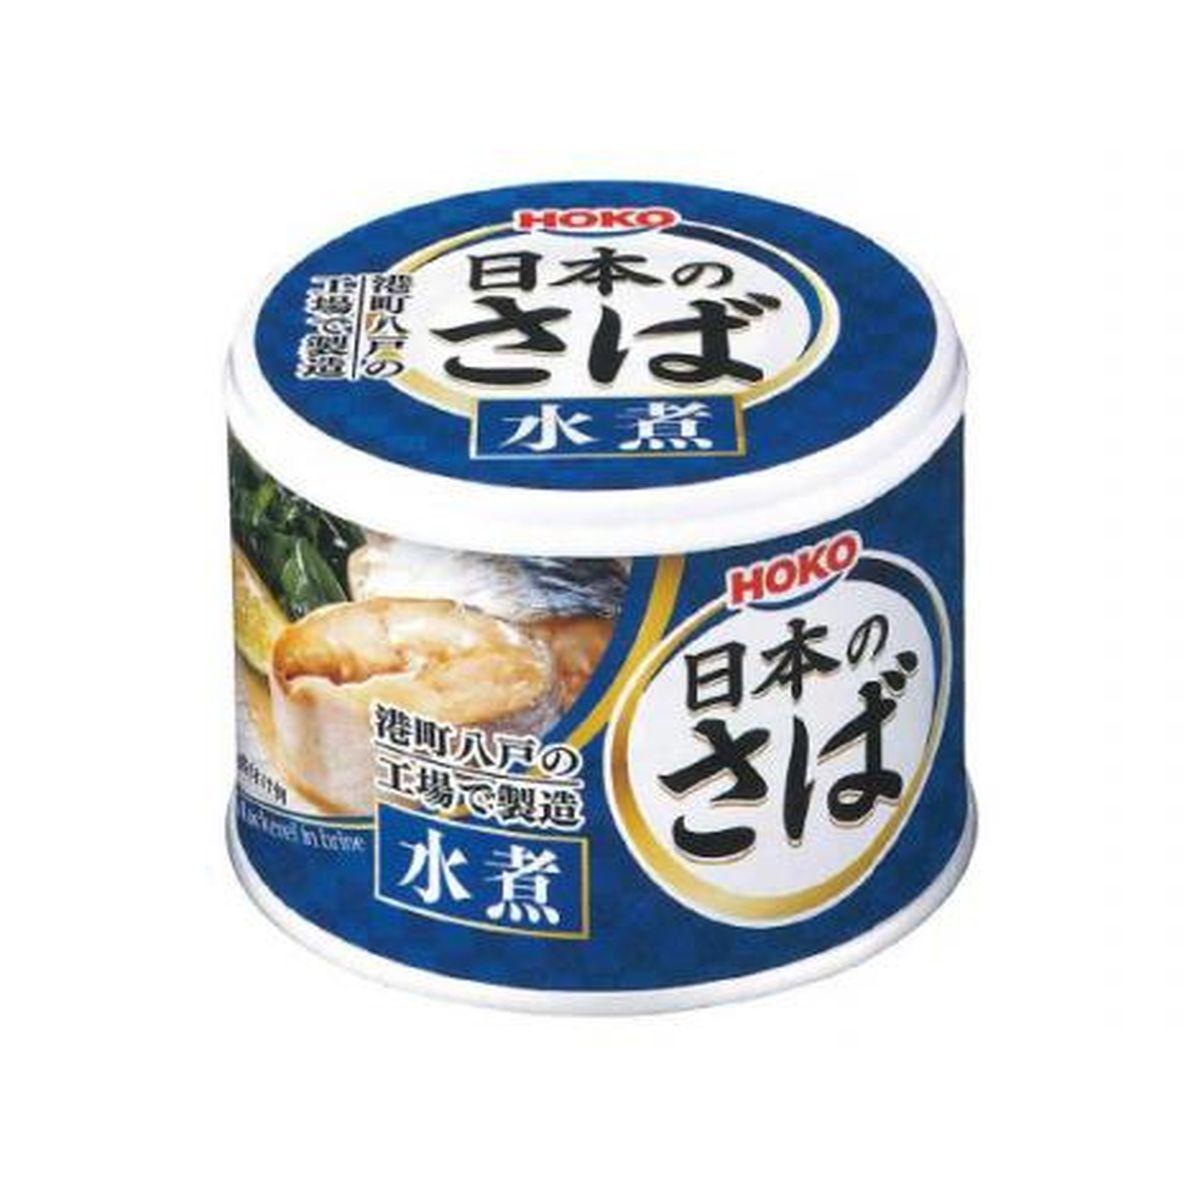 【送料無料】宝幸 日本のさば 詰合せギフト(水煮・みそ煮各4缶)